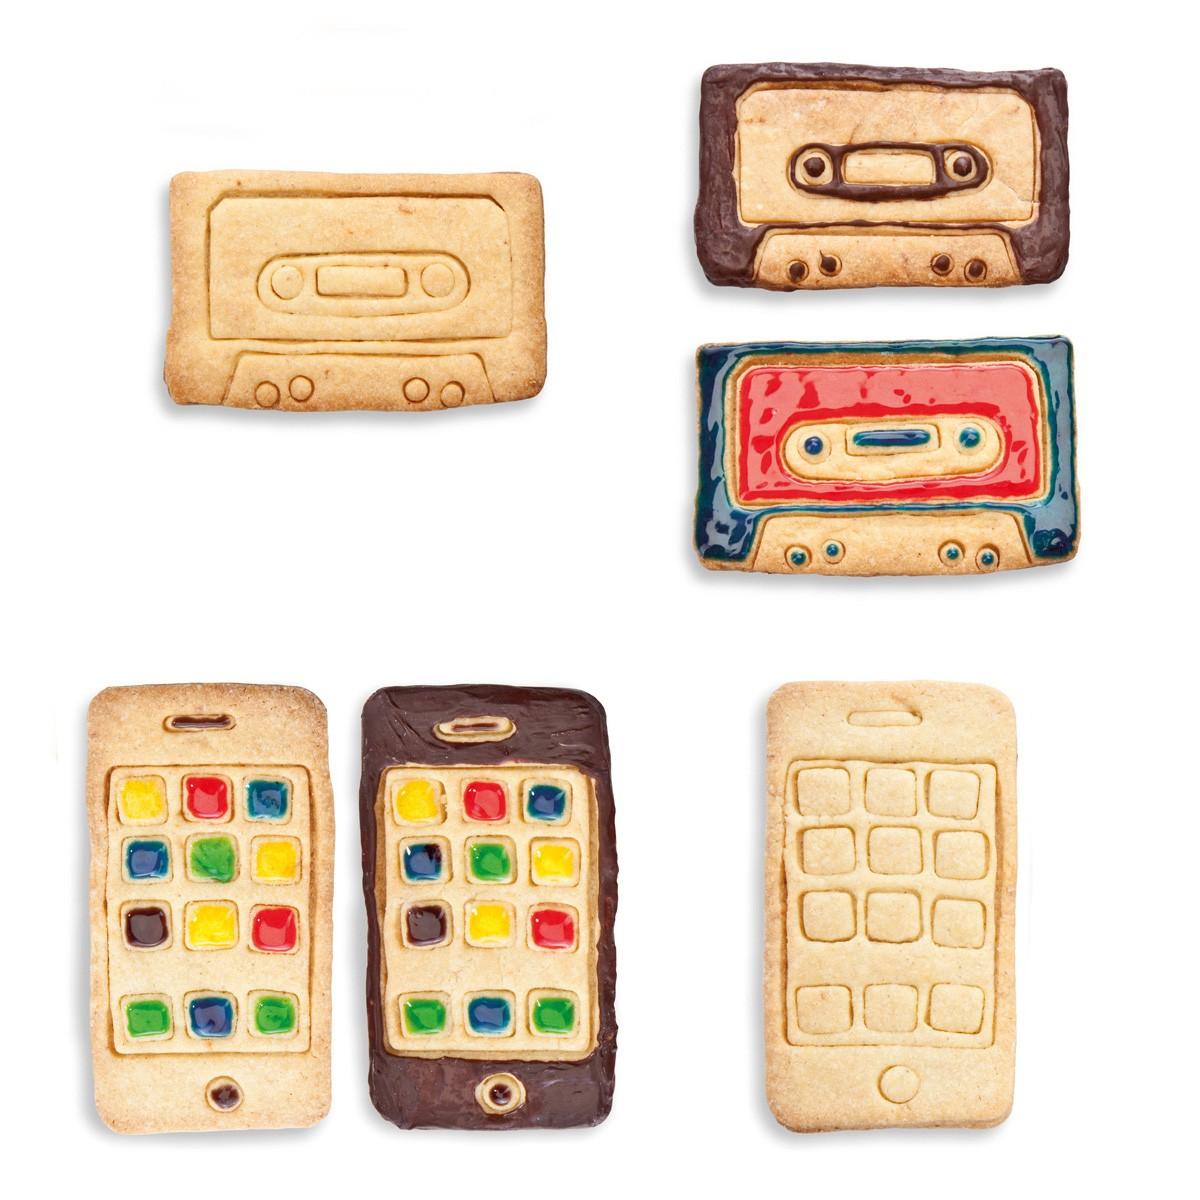 Foremki do ciastek w kształcie iPhona i kasety